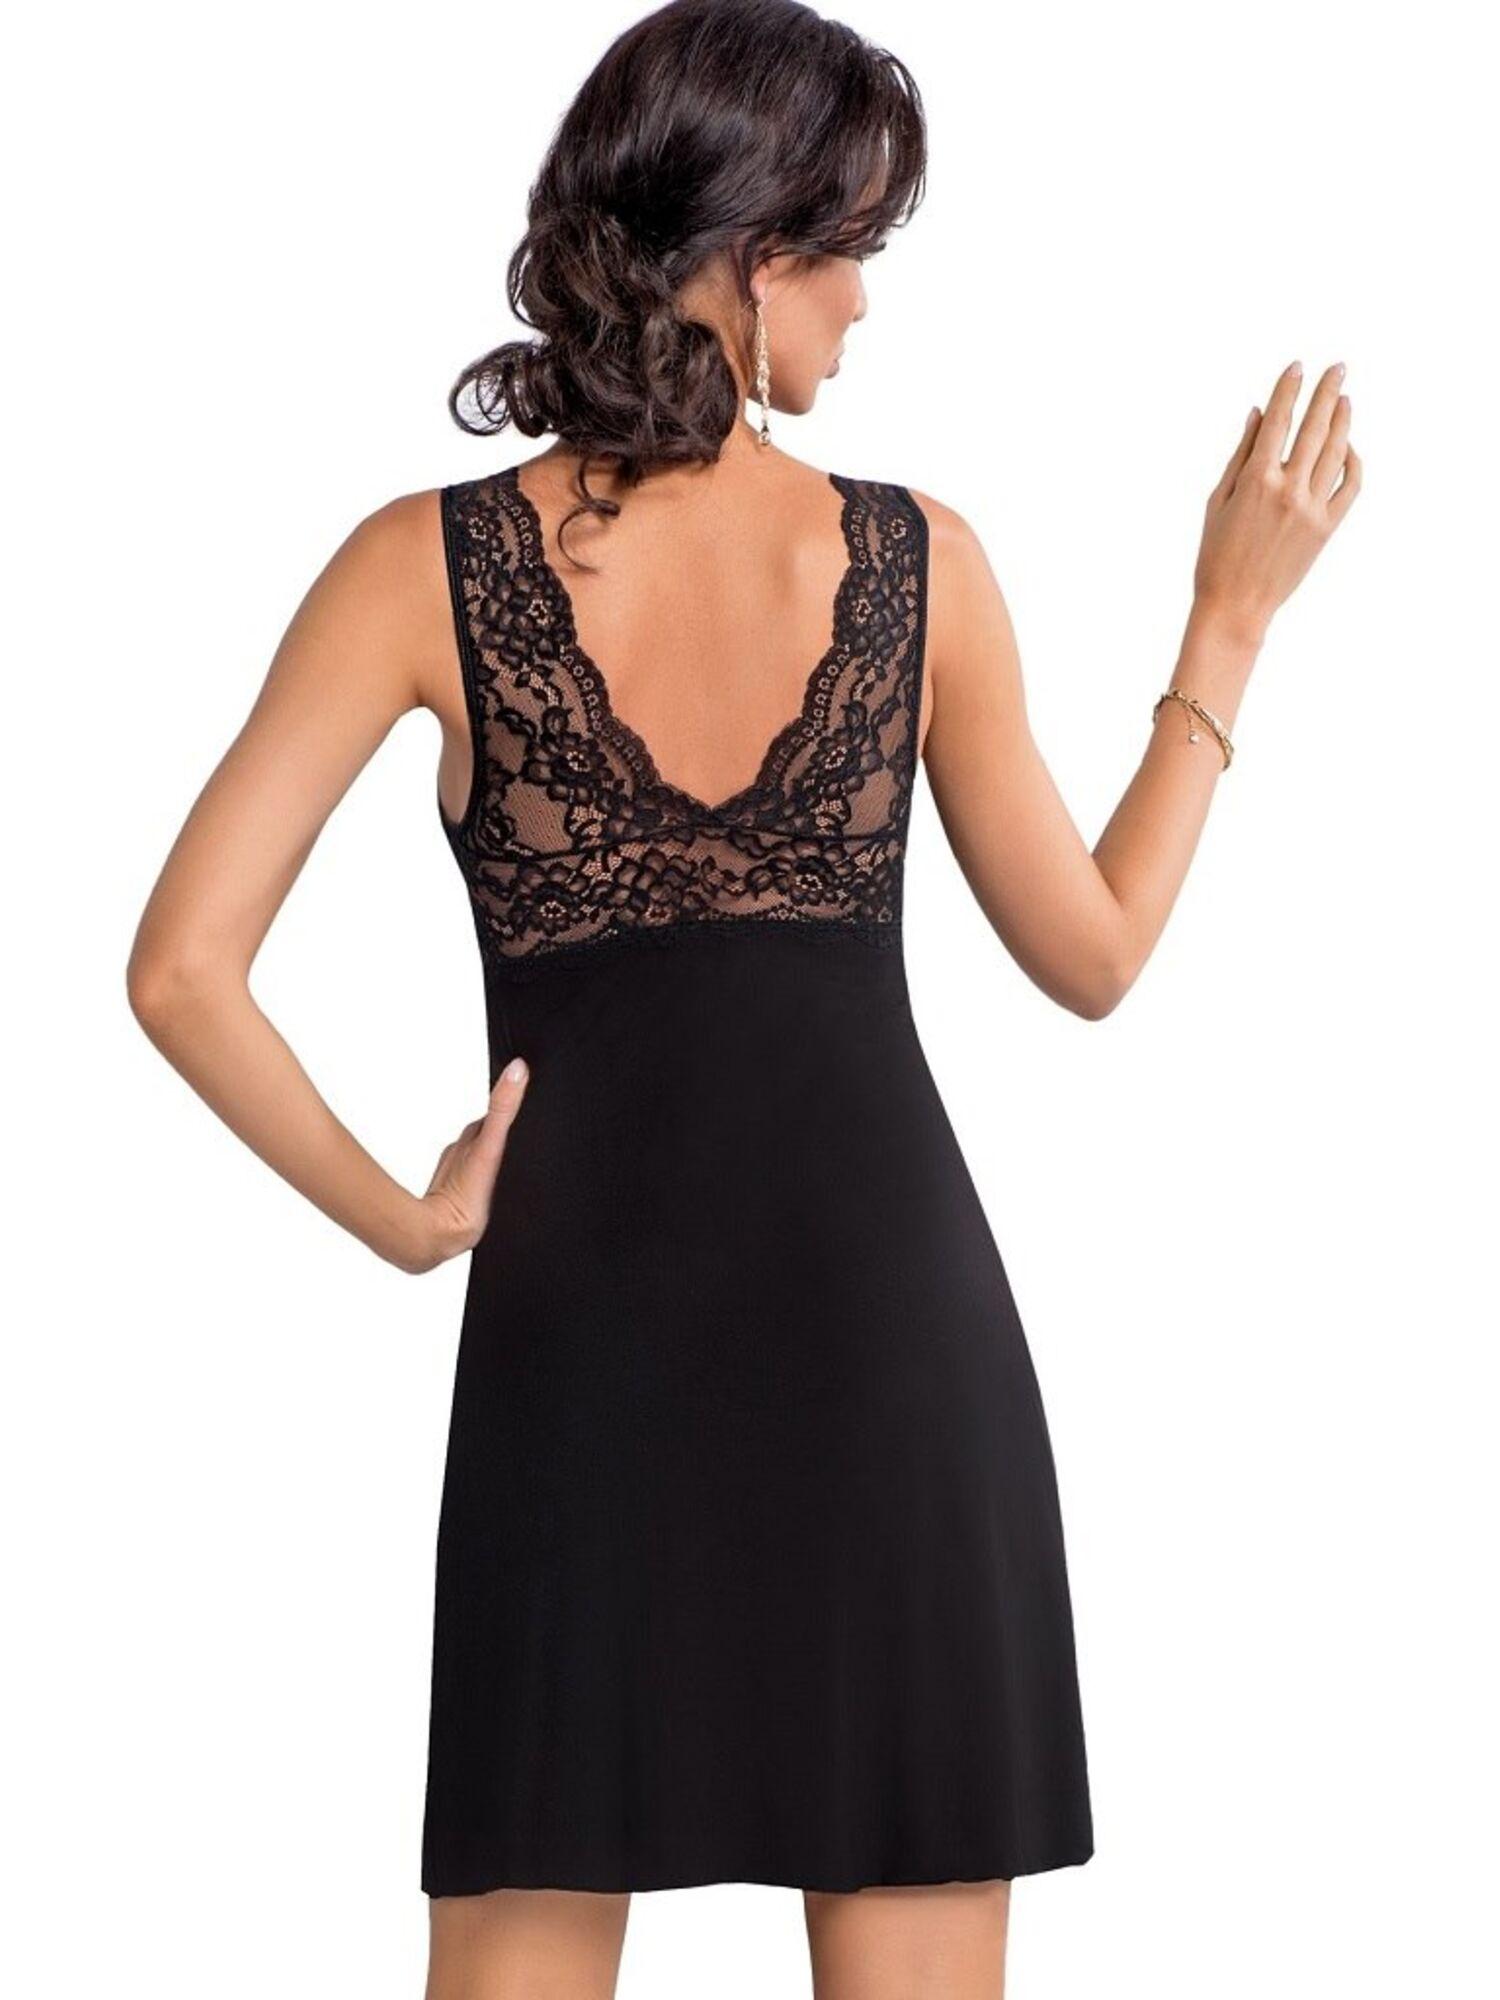 Сорочка женская из вискозы CHANTAL 19 черный, DONNA II